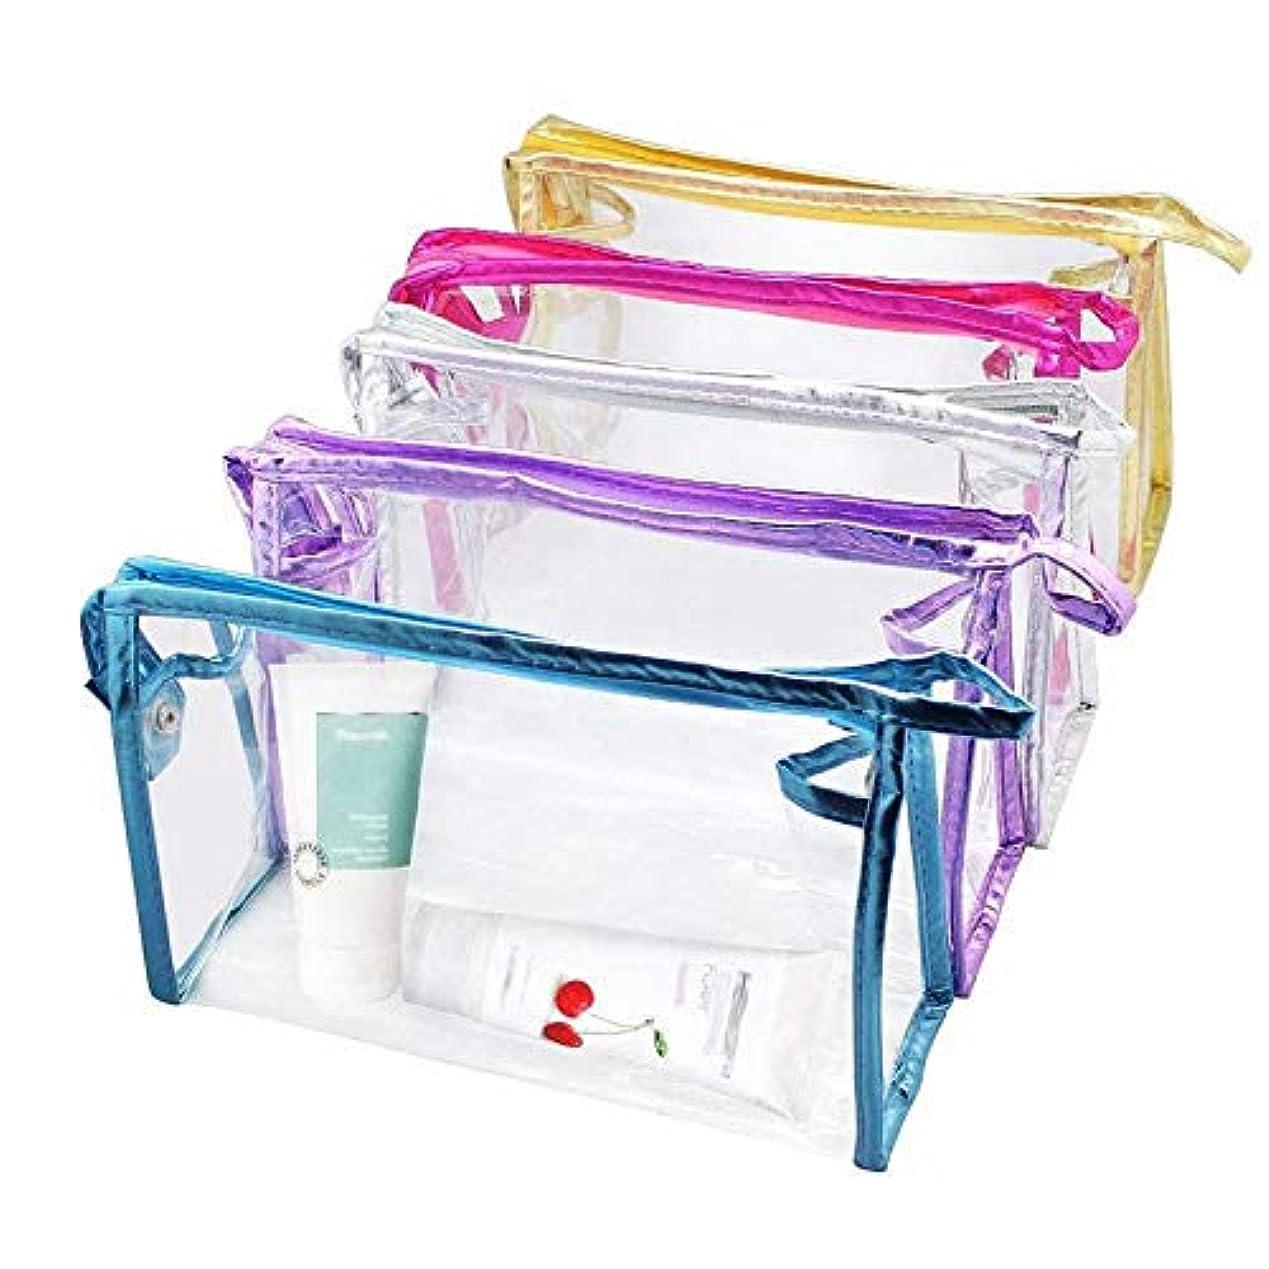 緩やかなスポーツ比較ACAMPTAR 5個透明防水化粧品バッグ、PVCビニールジッパーウォッシュバッグ休暇、バスルームと整理バッグ旅行セット